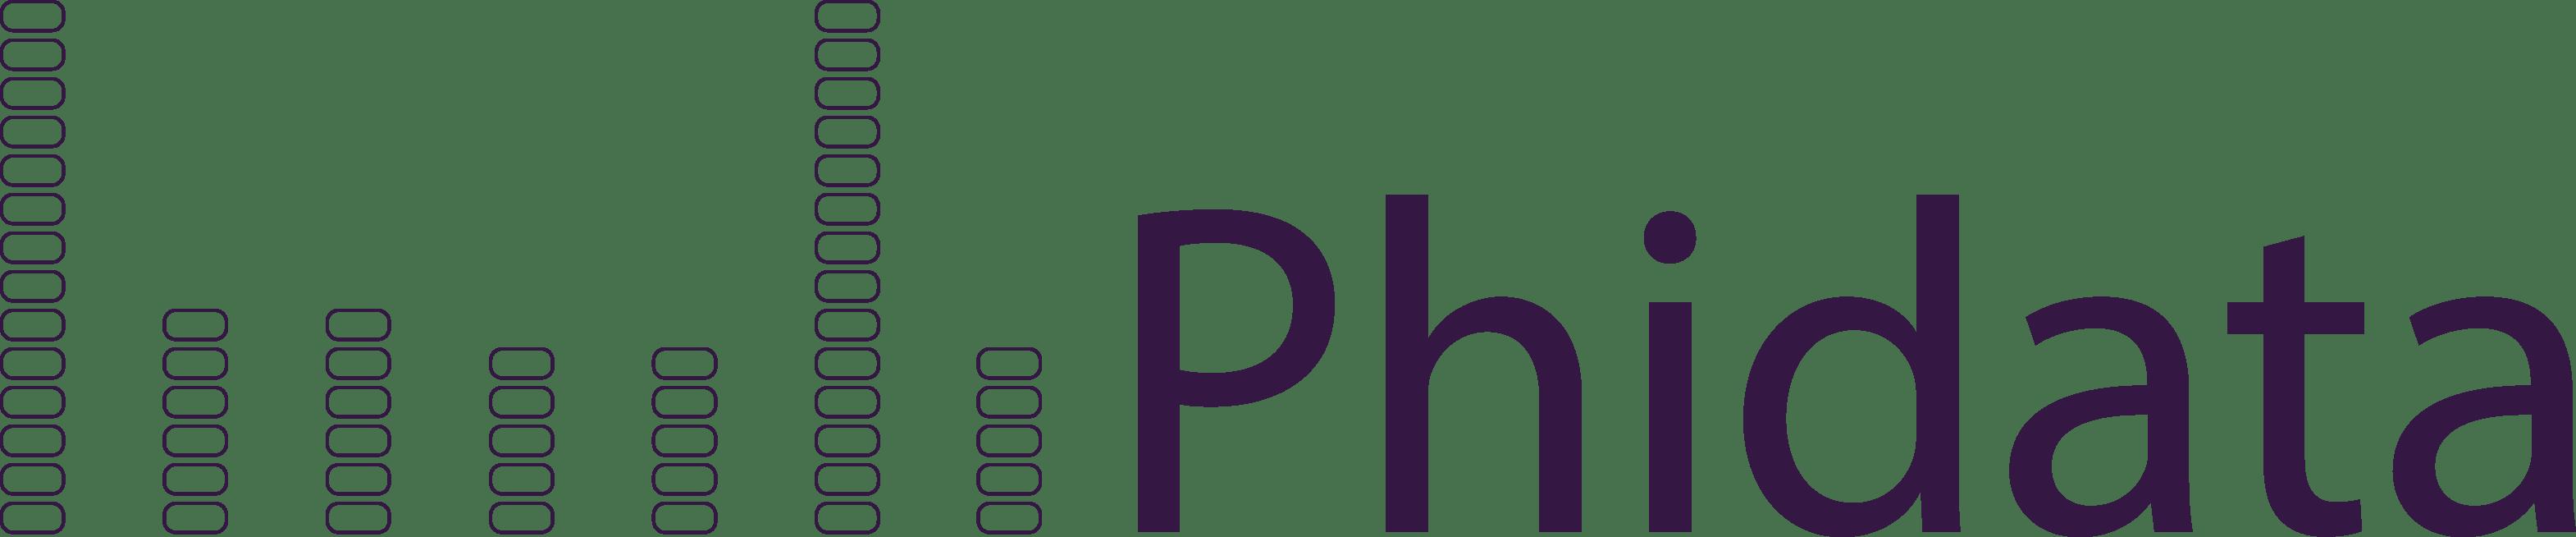 Phidata